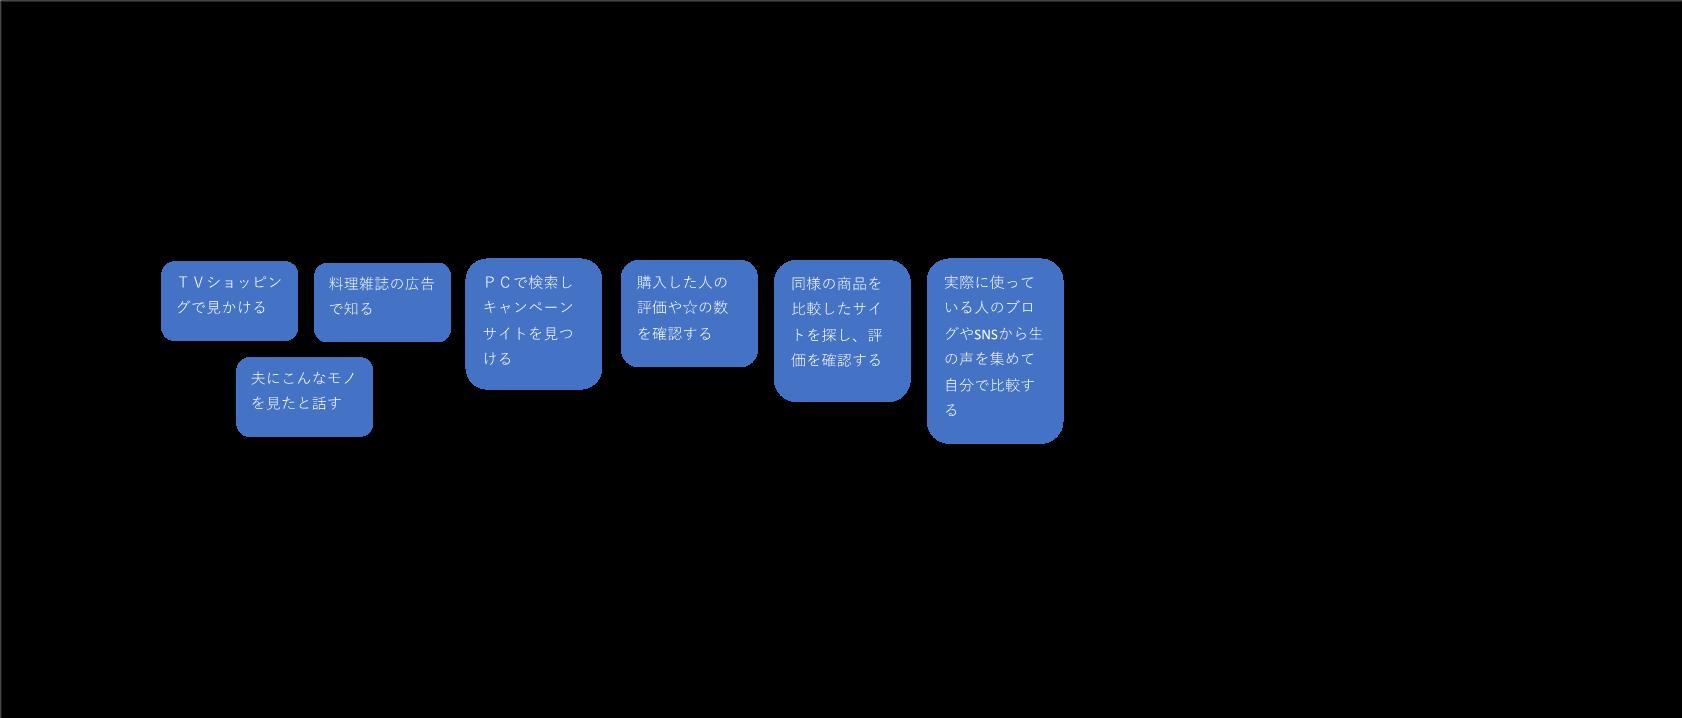 カスタマージャーマップの記入例3